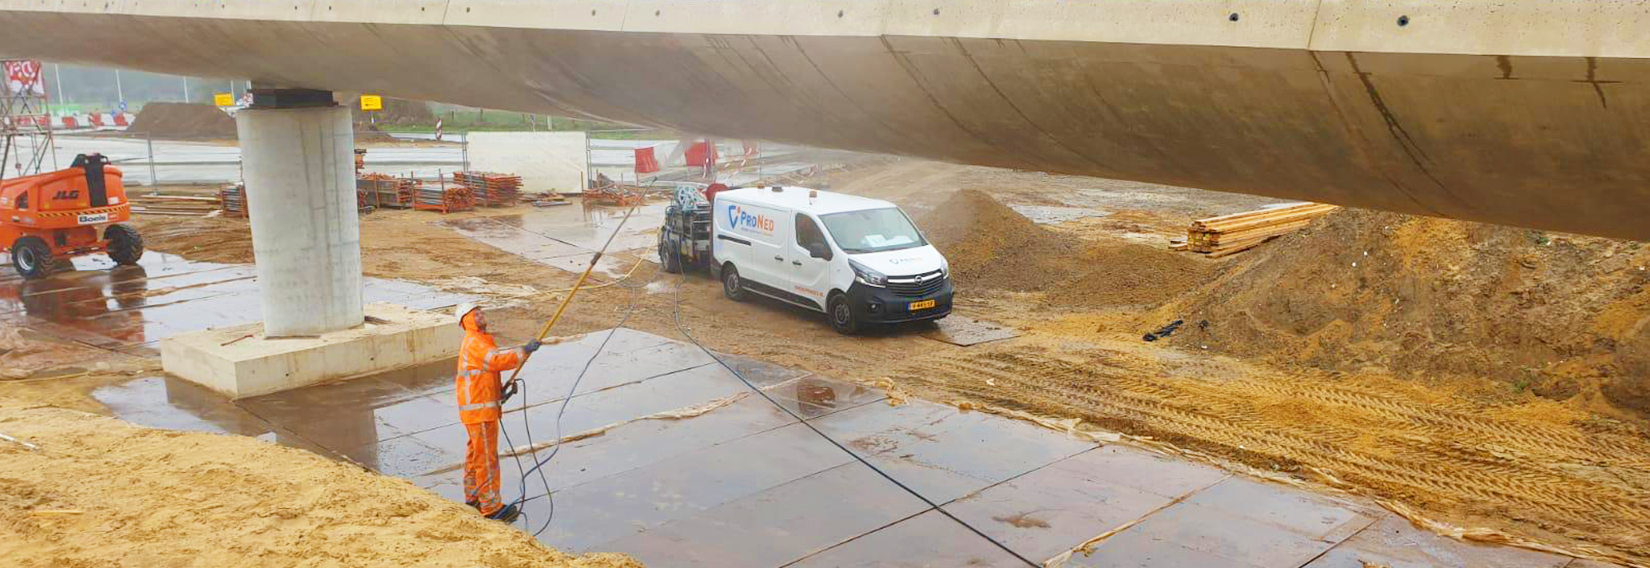 Groene aanslag van beton verwijderen